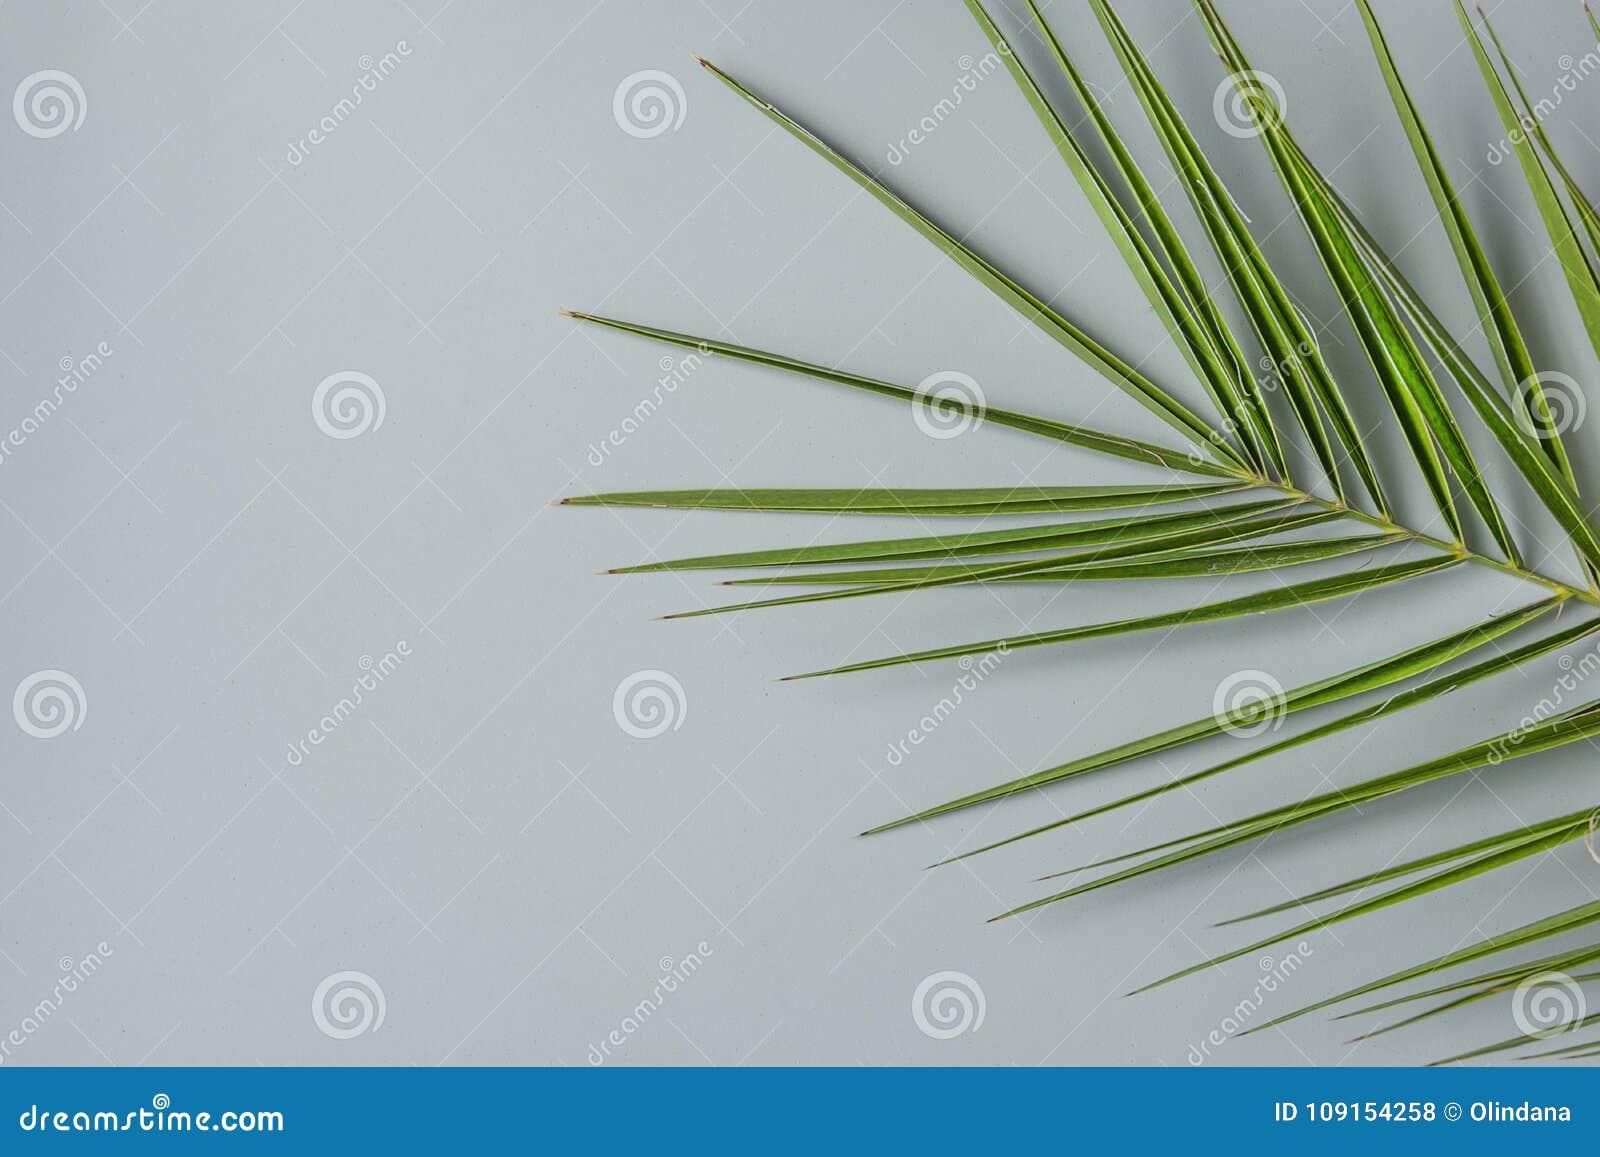 Spiky Palm Tree Leaf On Grey Stone Background. Minimalist Modern ...